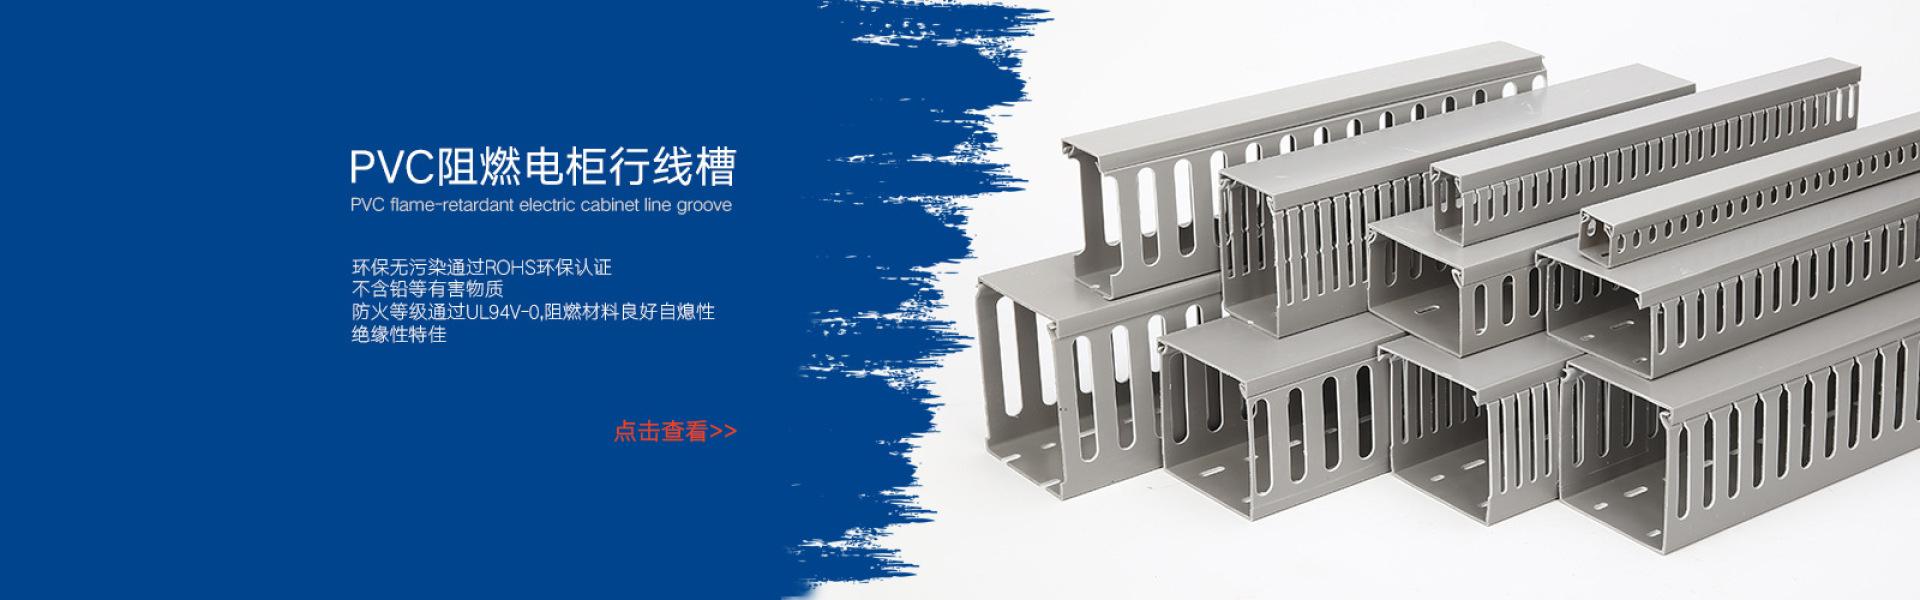 沈陽PVC線槽 沈陽電纜橋架 沈陽鍍鋅穿線管 防火電纜橋架 醫用面板線槽